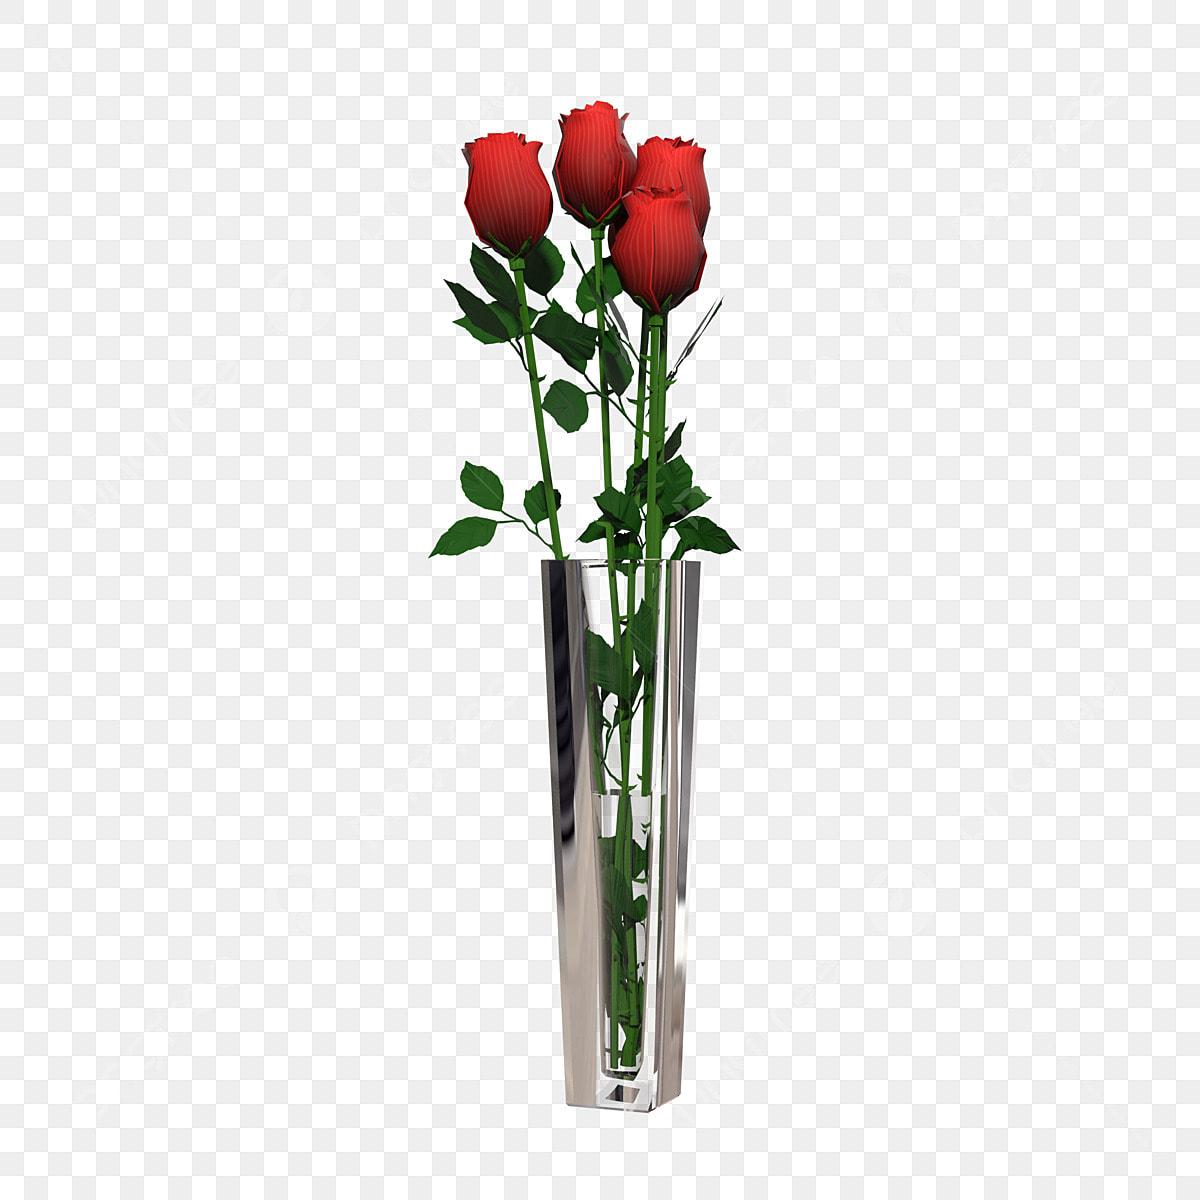 Glass Vase Rose Flower Arrangement Vase Clipart Glass Flower Arrangement Png Transparent Clipart Image And Psd File For Free Download